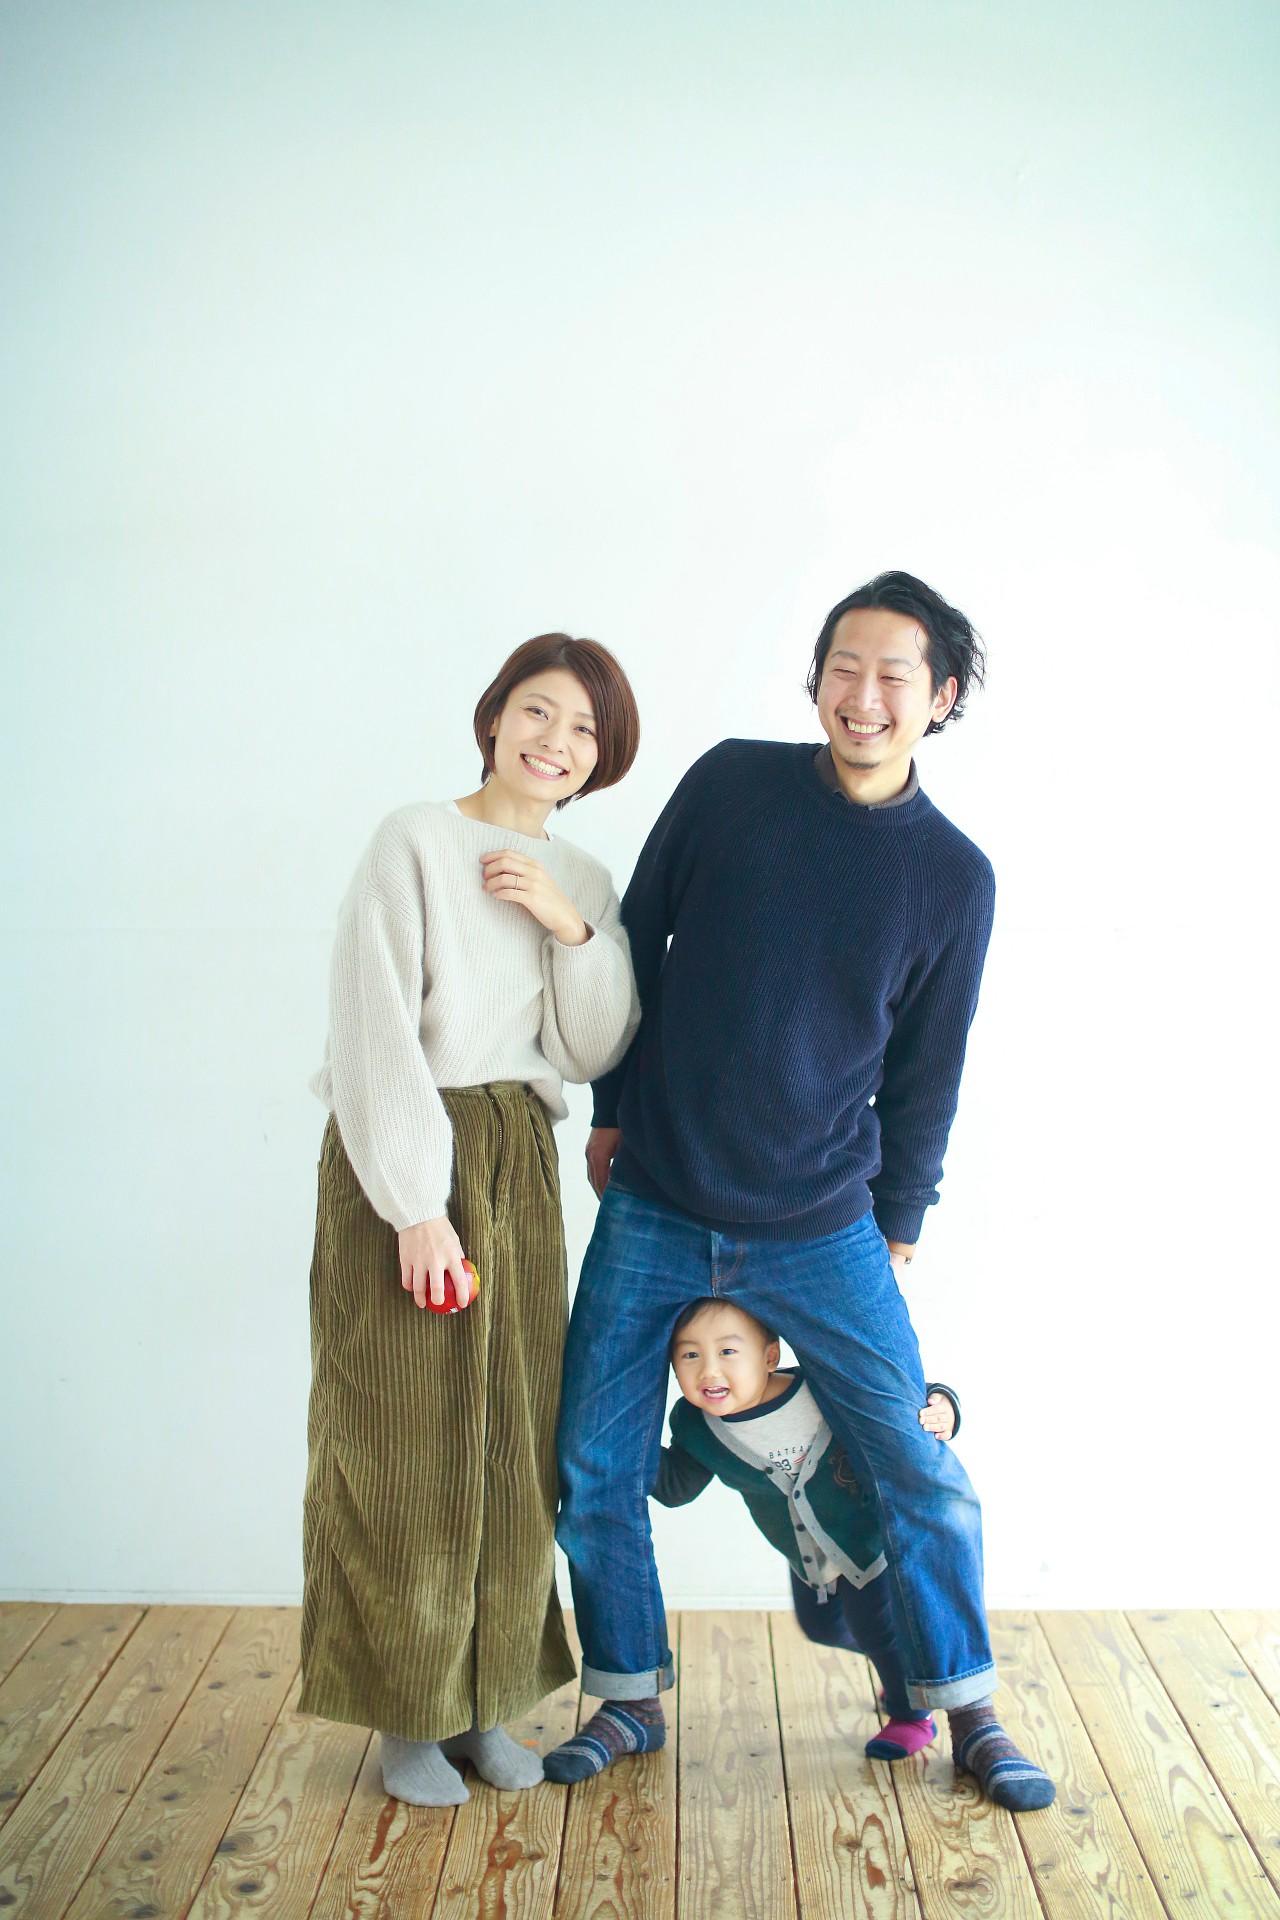 フォトナギの家族写真撮影